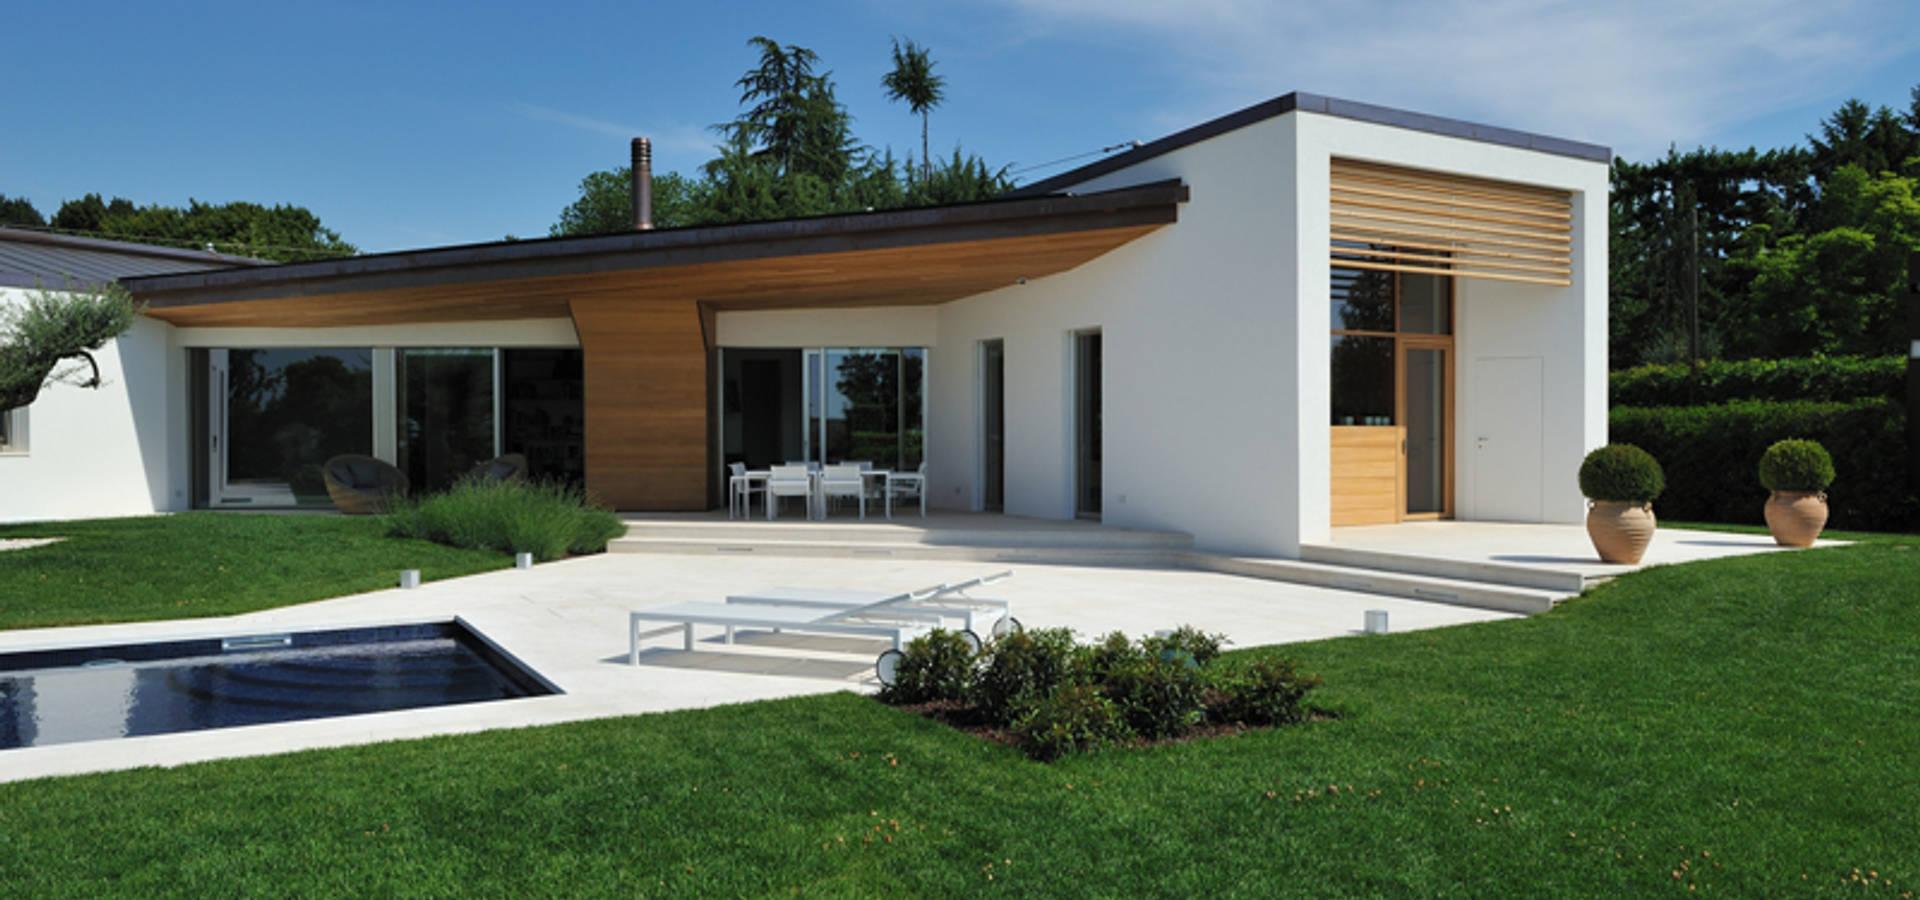 Stile moderno per una villa in legno di woodbau srl homify for Villetta moderna progetto